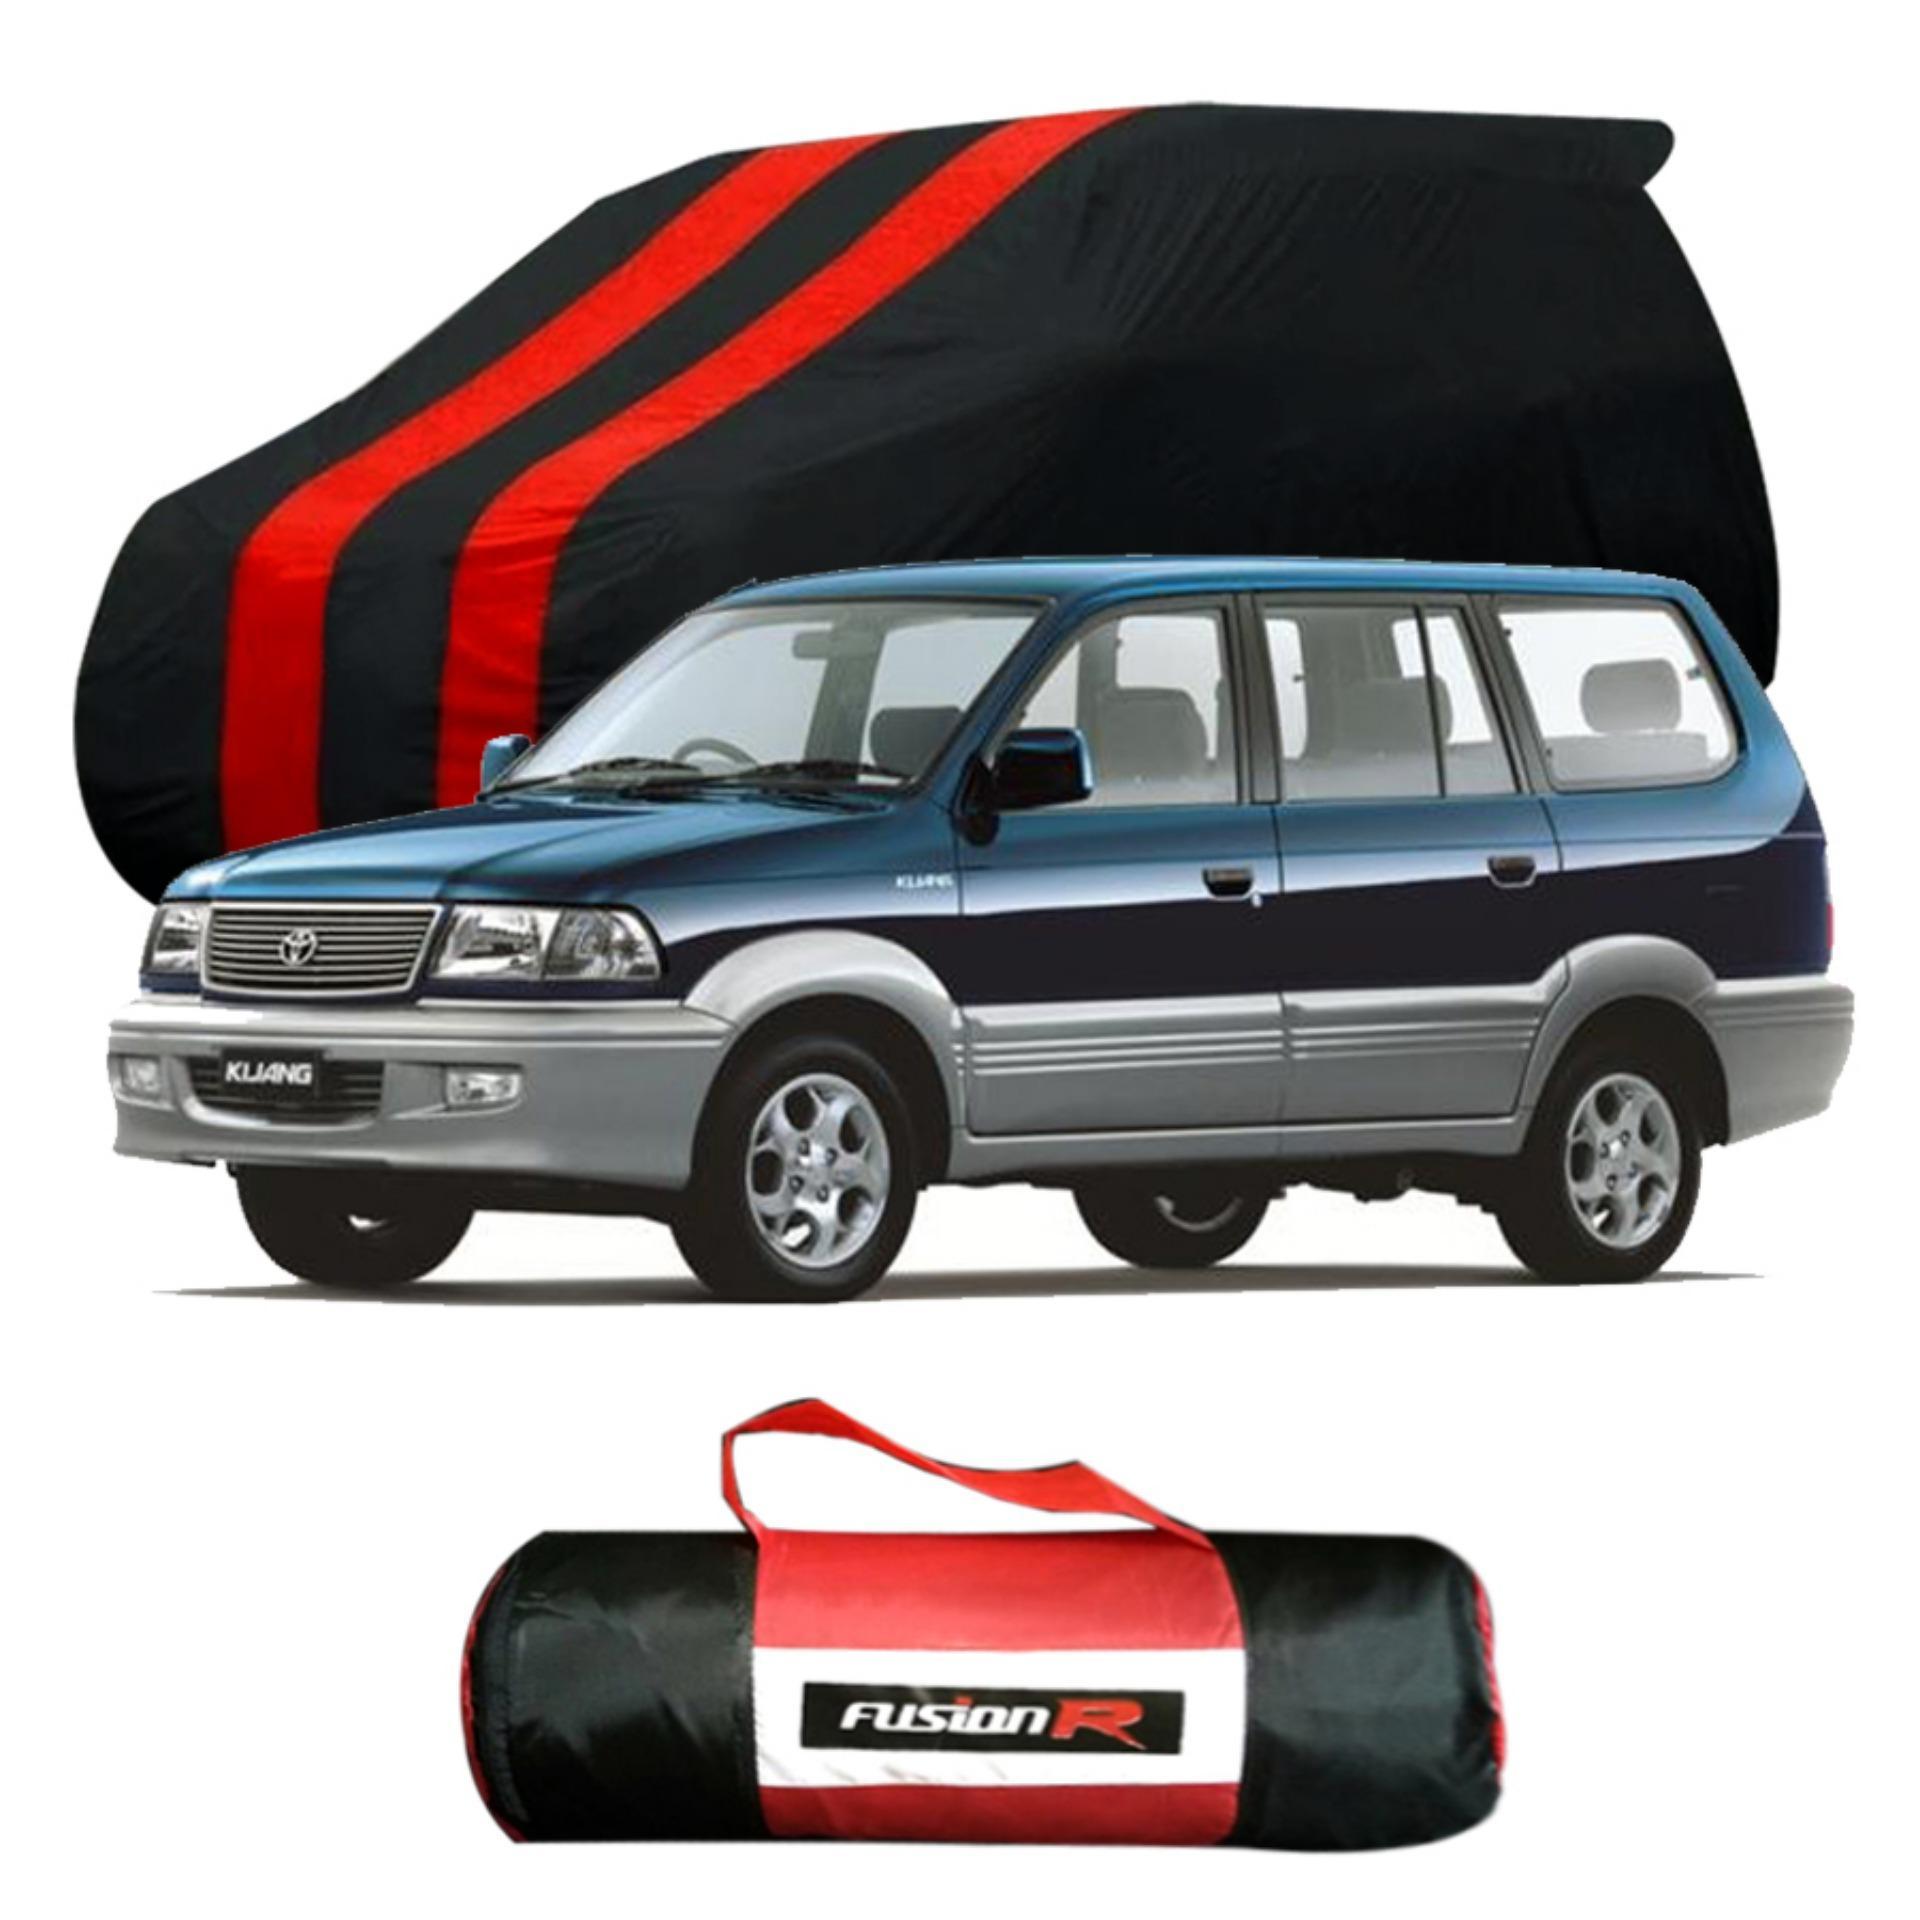 Vanguard Body Cover Penutup Mobil KIJANG LONG Merah Hitam Waterproof / Sarung Mobil KIJANG LONG Premium